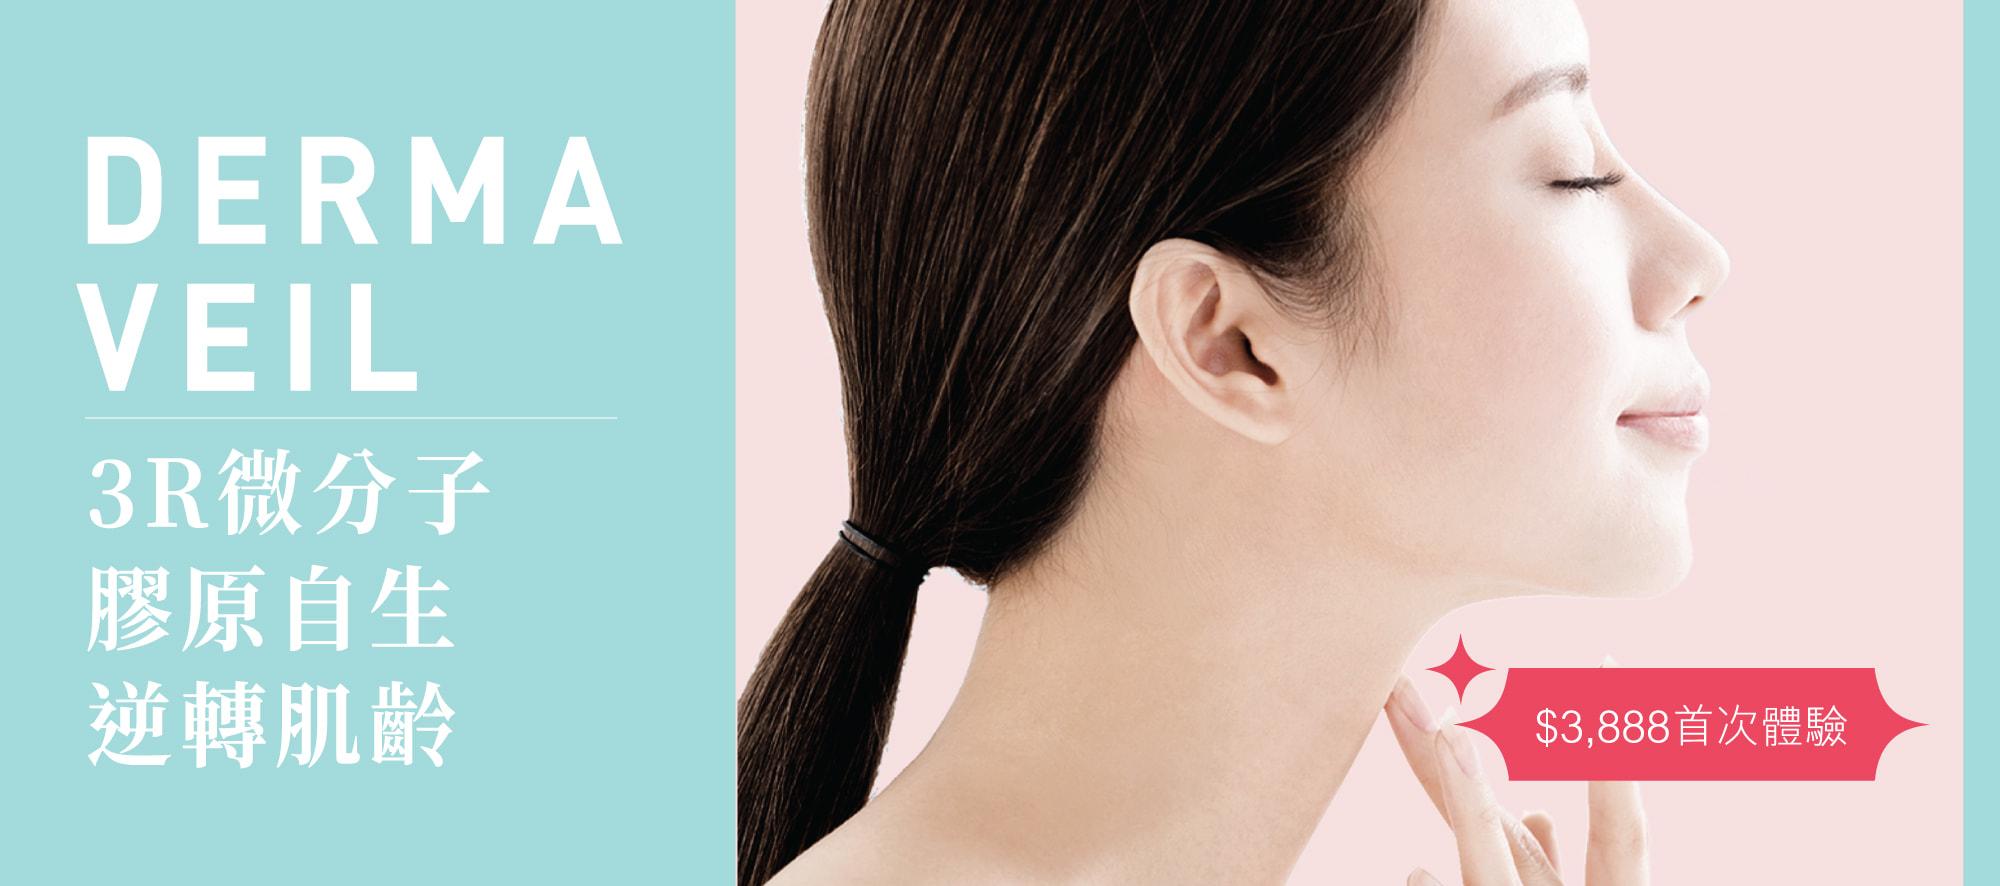 體驗Derma Veil 3R童顏針微滲膠原再生療程